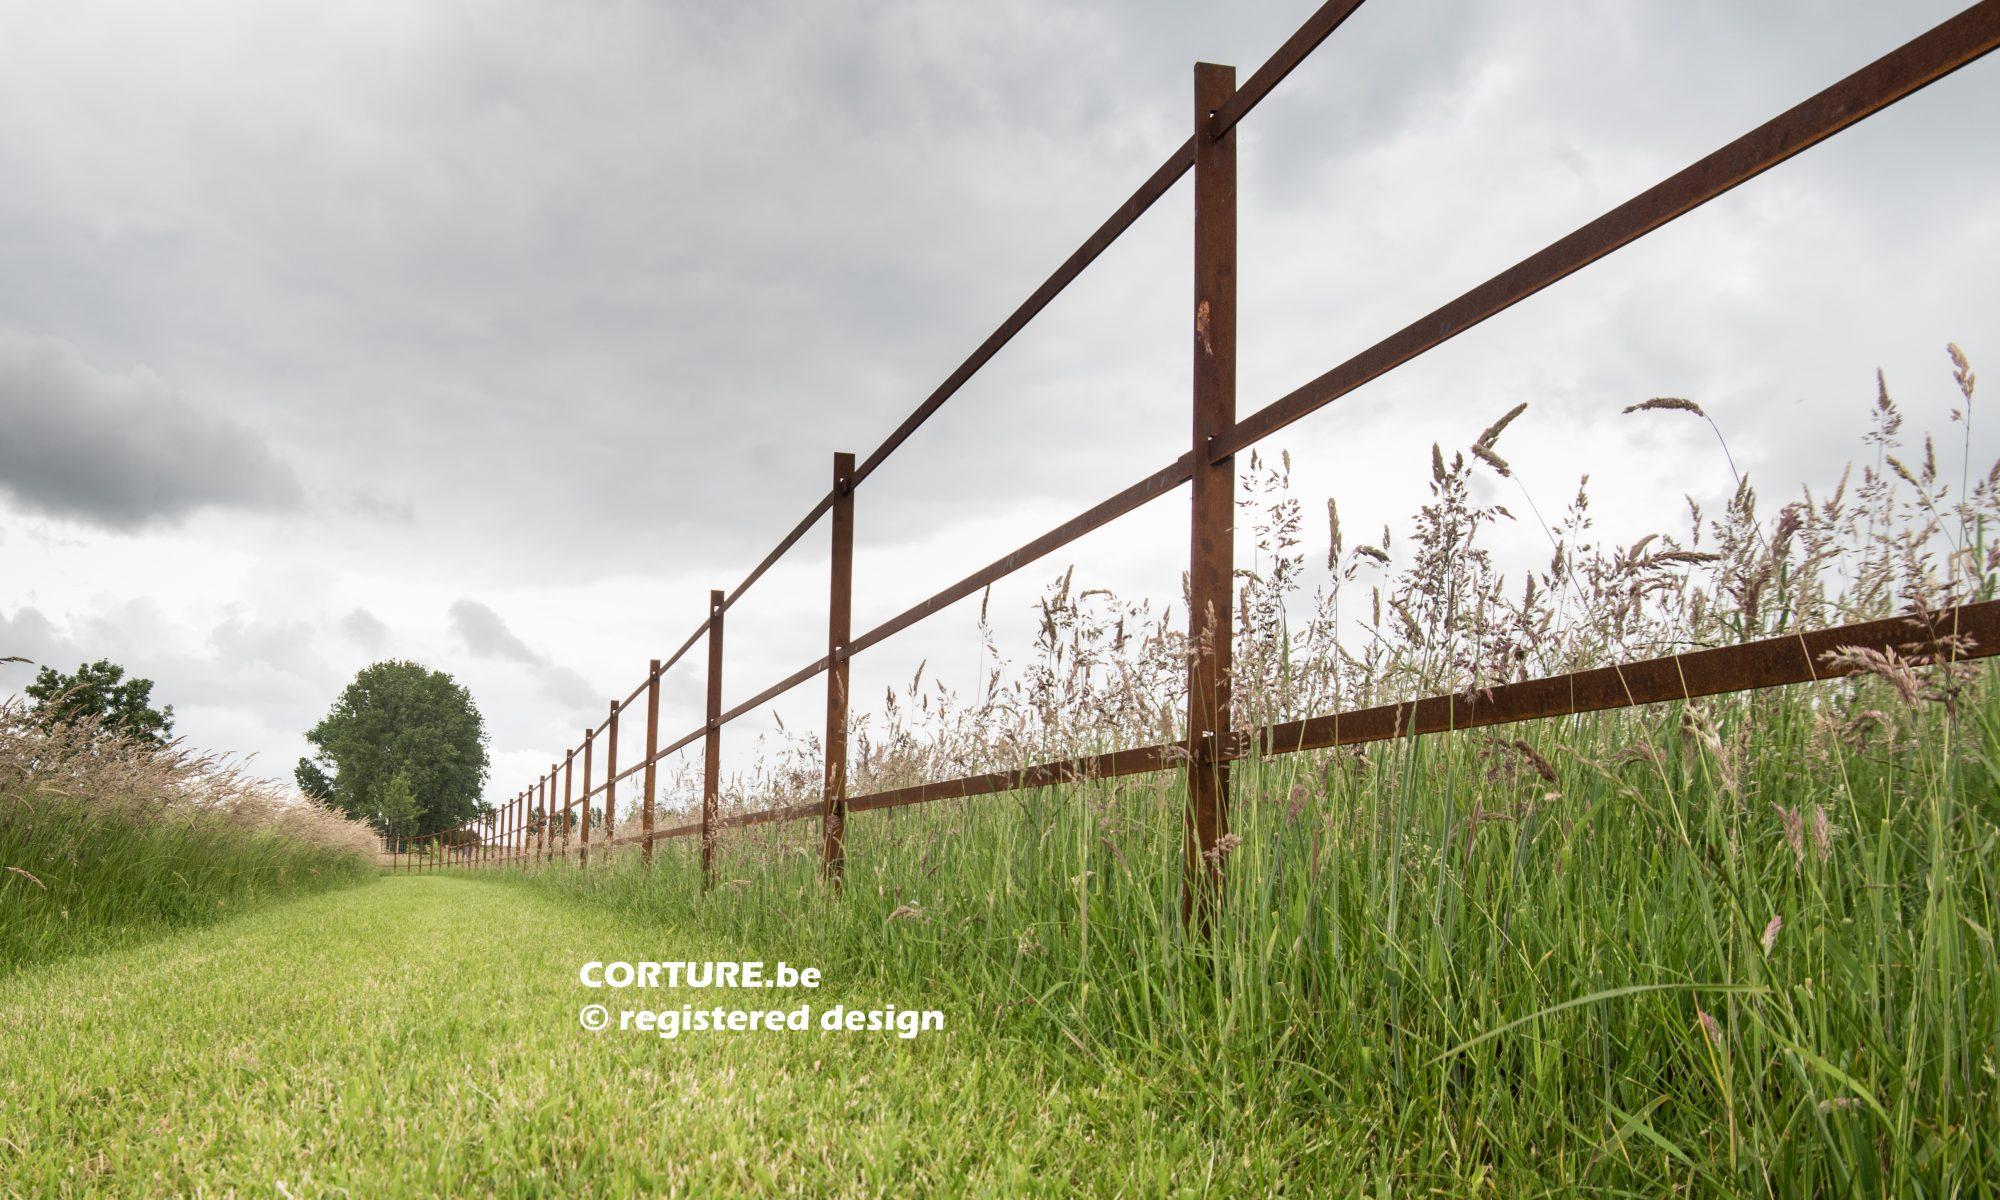 Corture_Cortensteel_Fence_29_kleiner-2000x1200